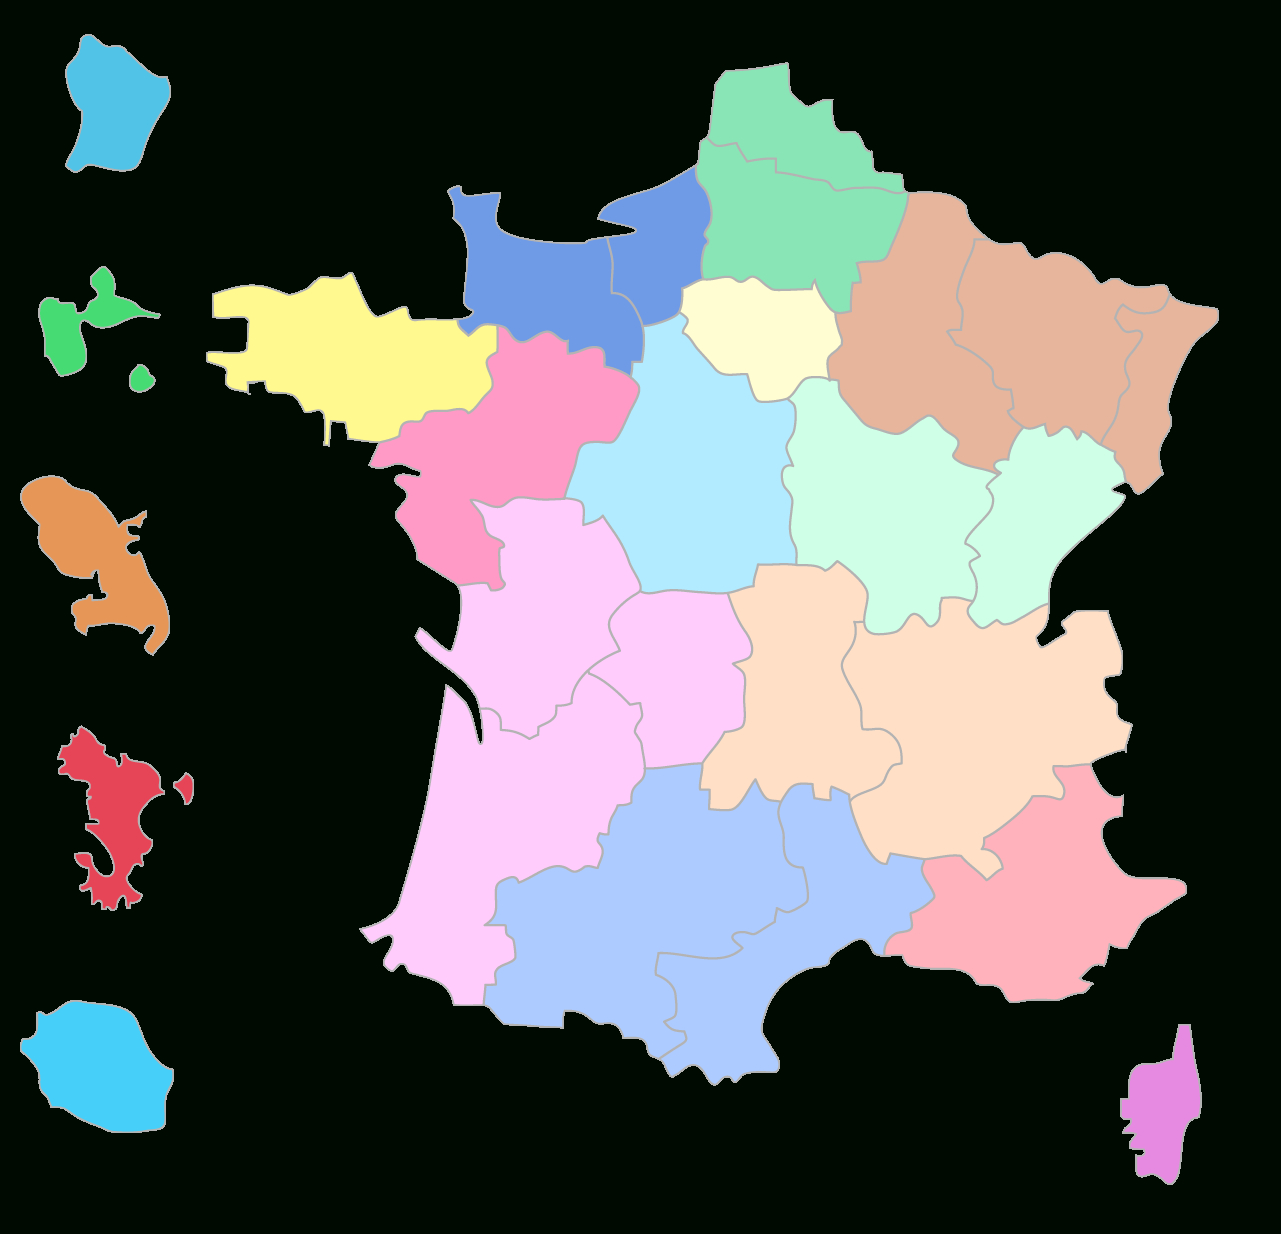 Compléter La Carte Des Régions Françaises - 3E - Exercice encequiconcerne Carte Des Régions Françaises